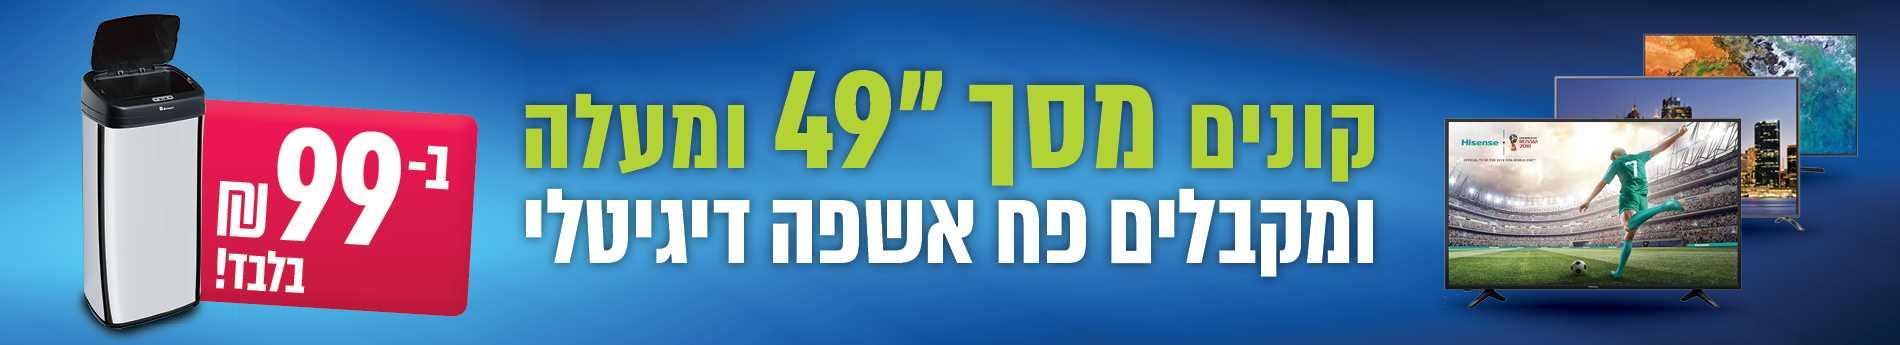 """הטבת פח דיגיטאלי בקניית טלוויזיה 49"""" ומעלה"""